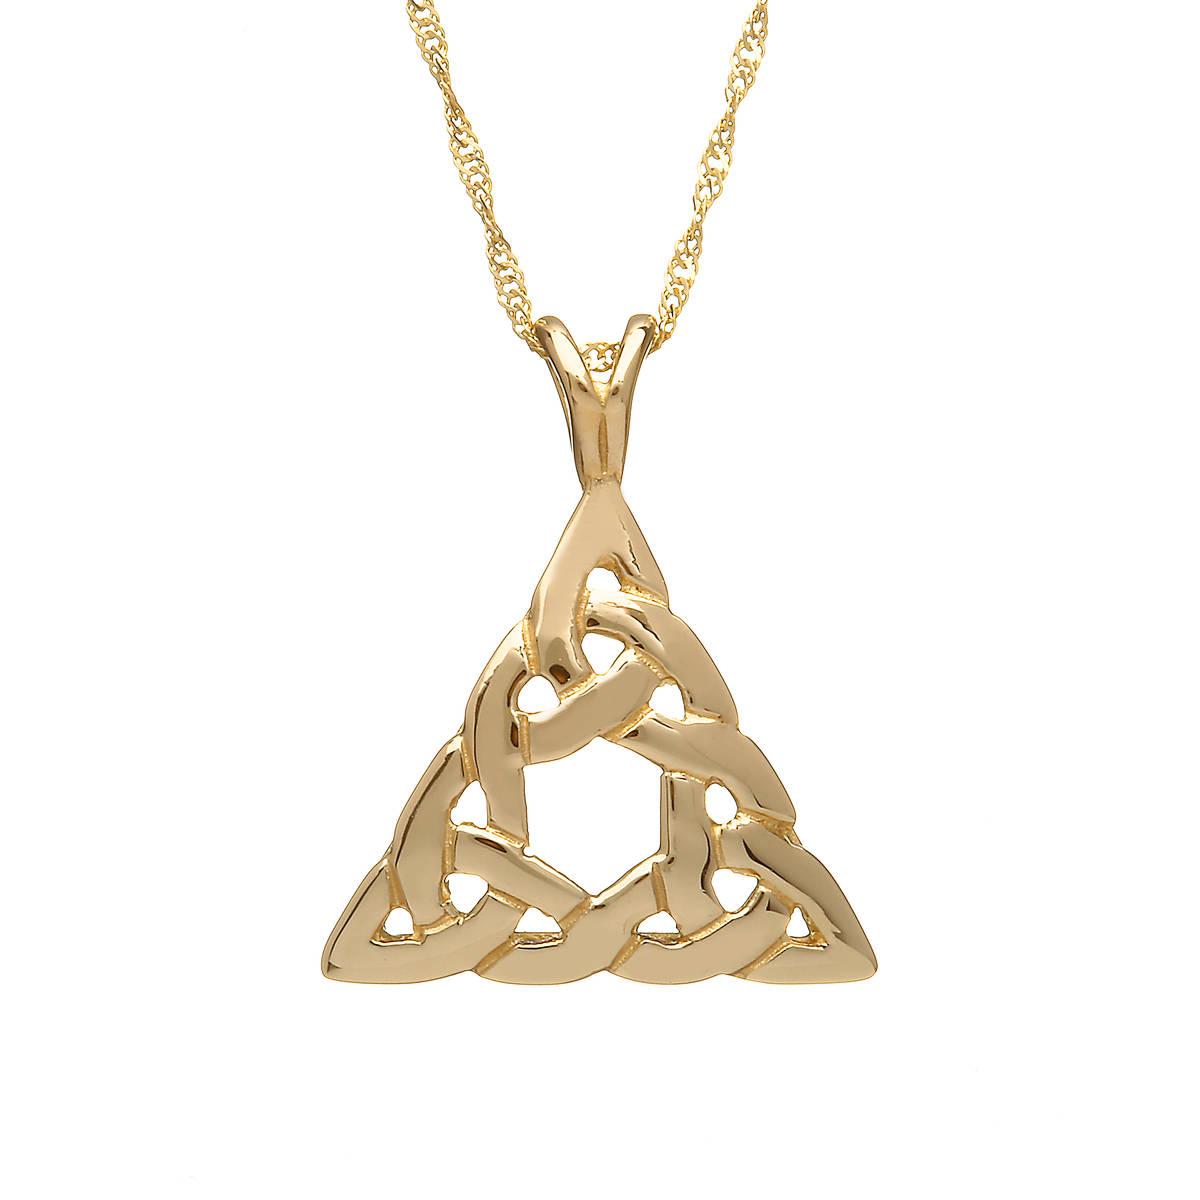 10 carat Gold Celtic Triangle Pendant